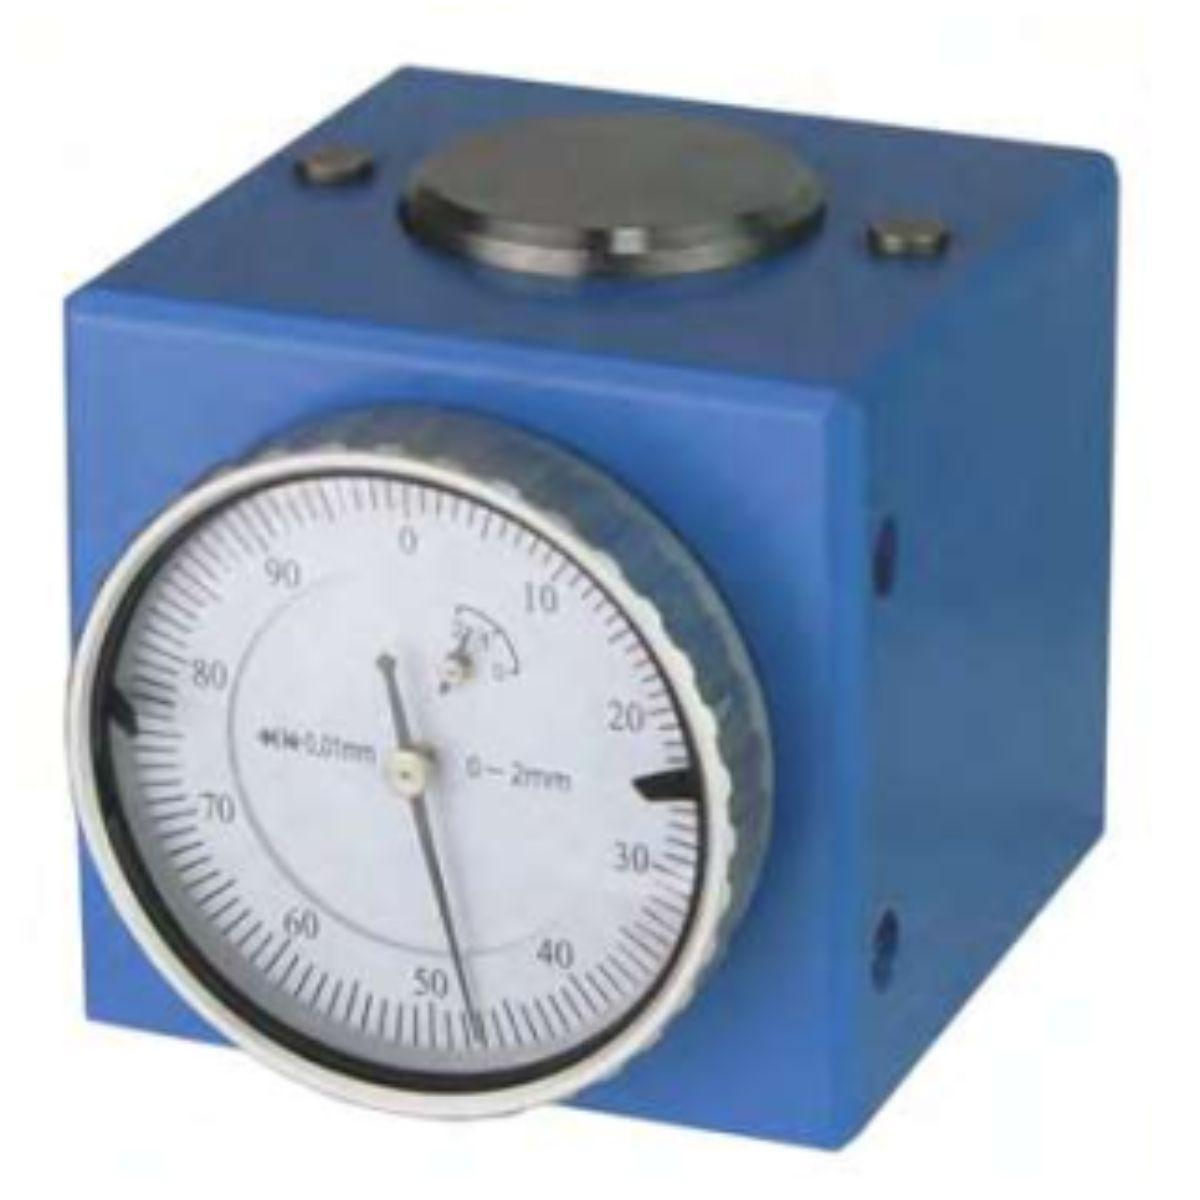 MIB toolsetter tast  Ø26,6 mm magnetisk / referencehøjde 50 mm